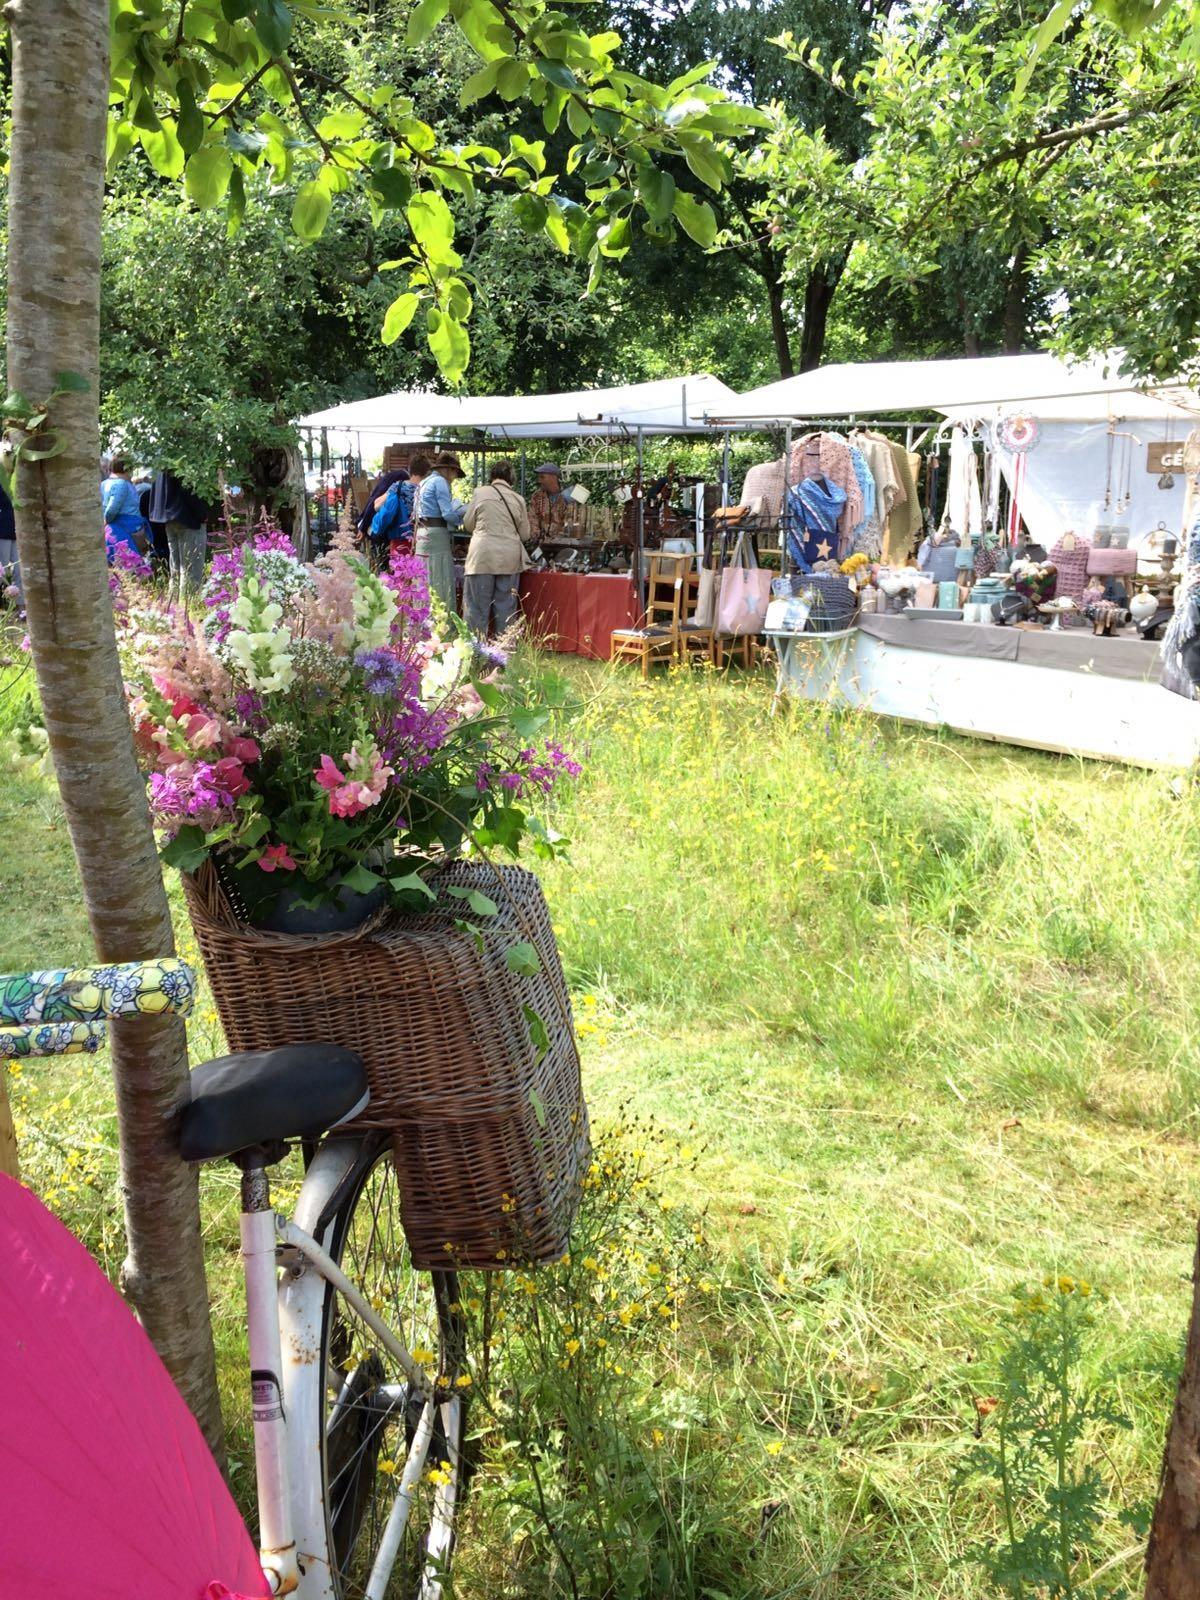 midsummer fair